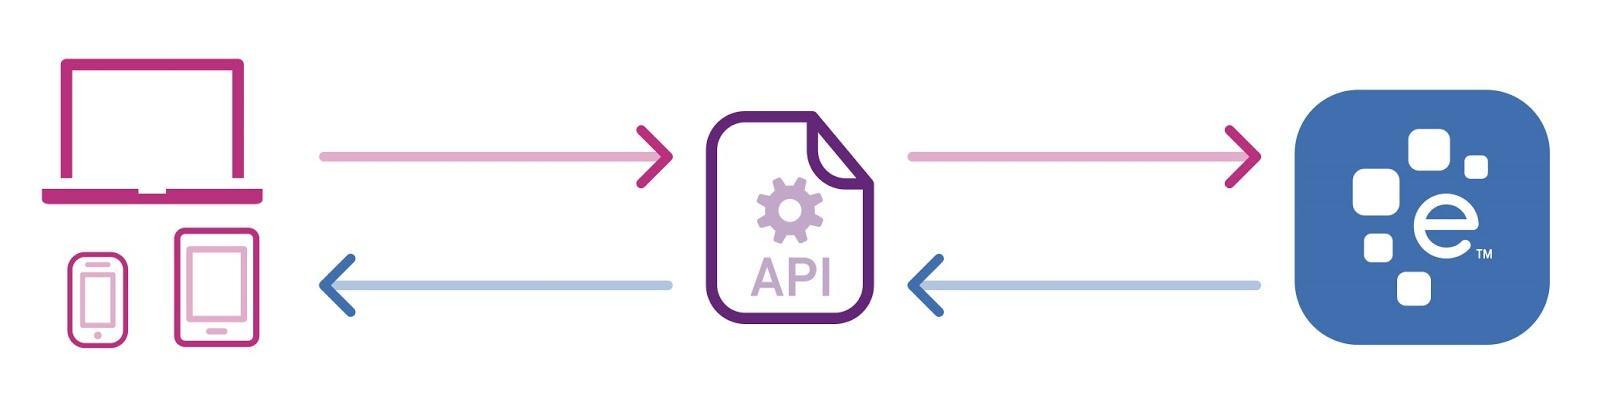 Use of API